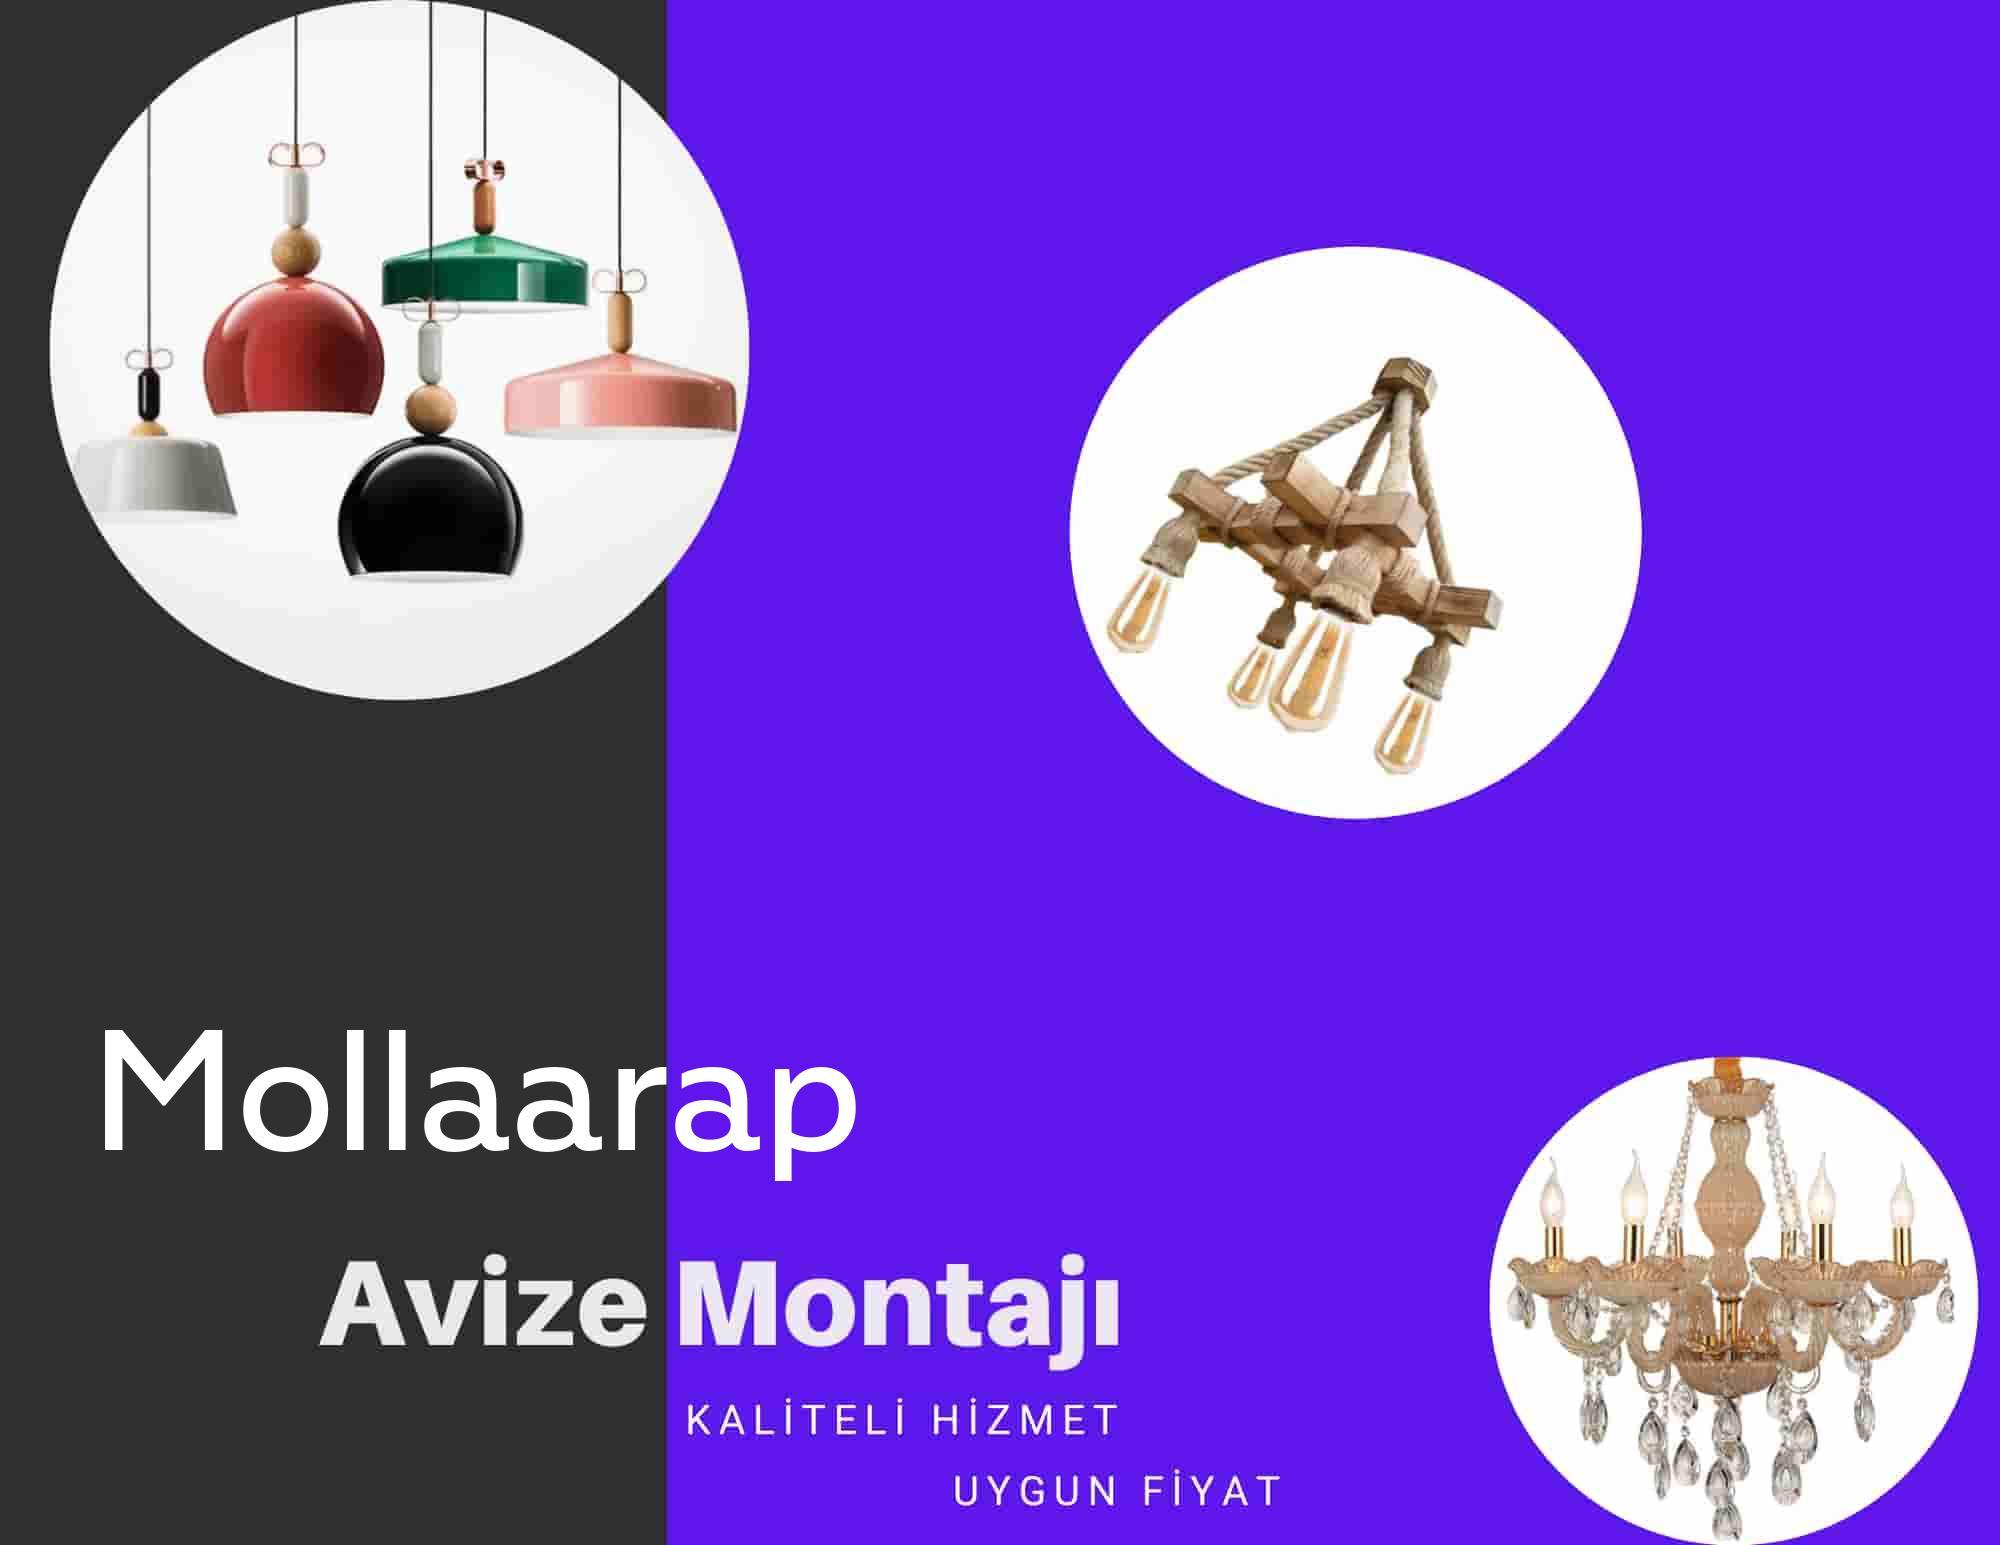 Mollaarap de avize montajı yapan yerler arıyorsanız elektrikcicagir anında size profesyonel avize montajı ustasını yönlendirir.